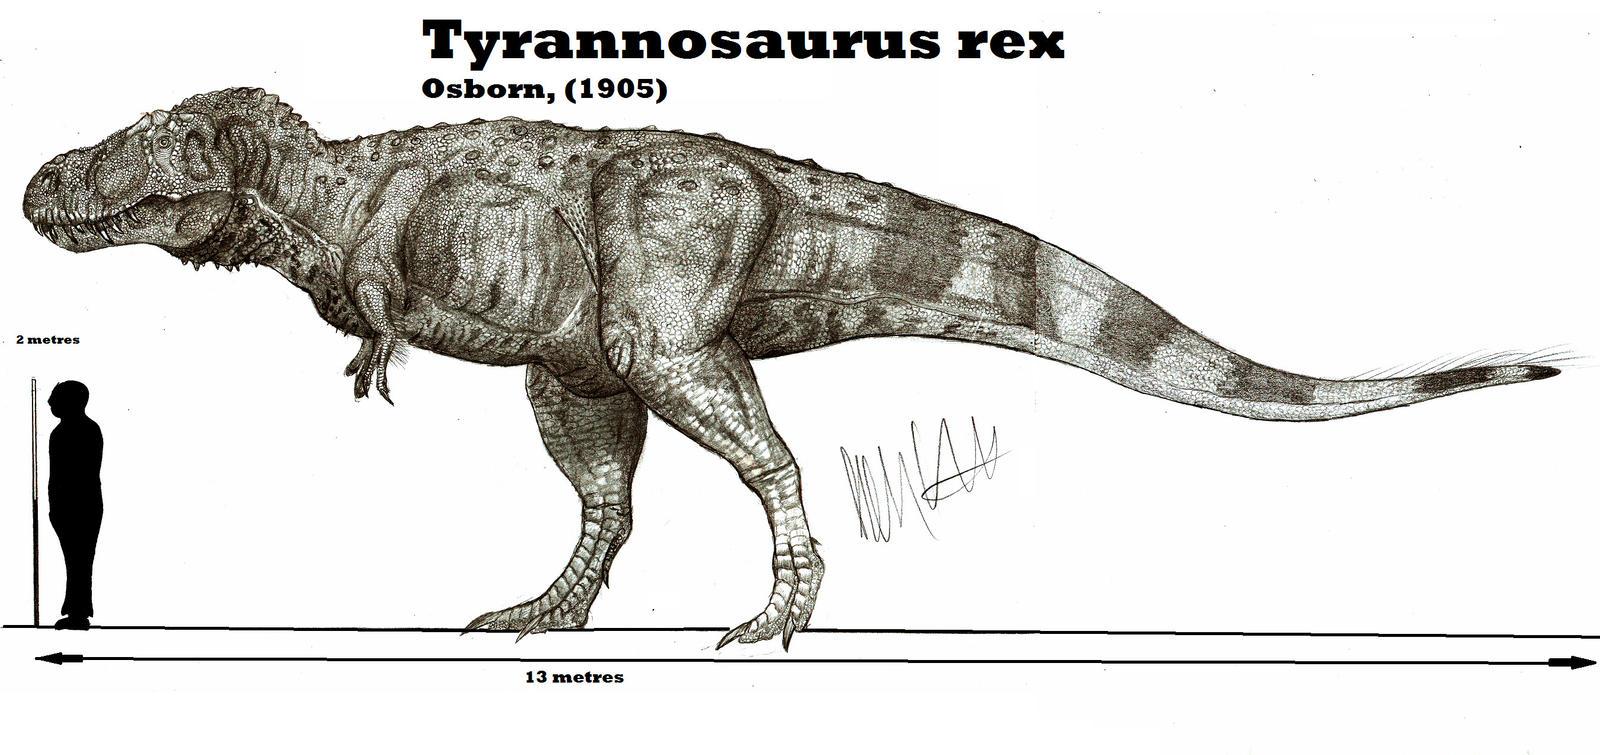 Tyrannosaurus rex by teratophoneus on deviantart for Tyrannosaurus